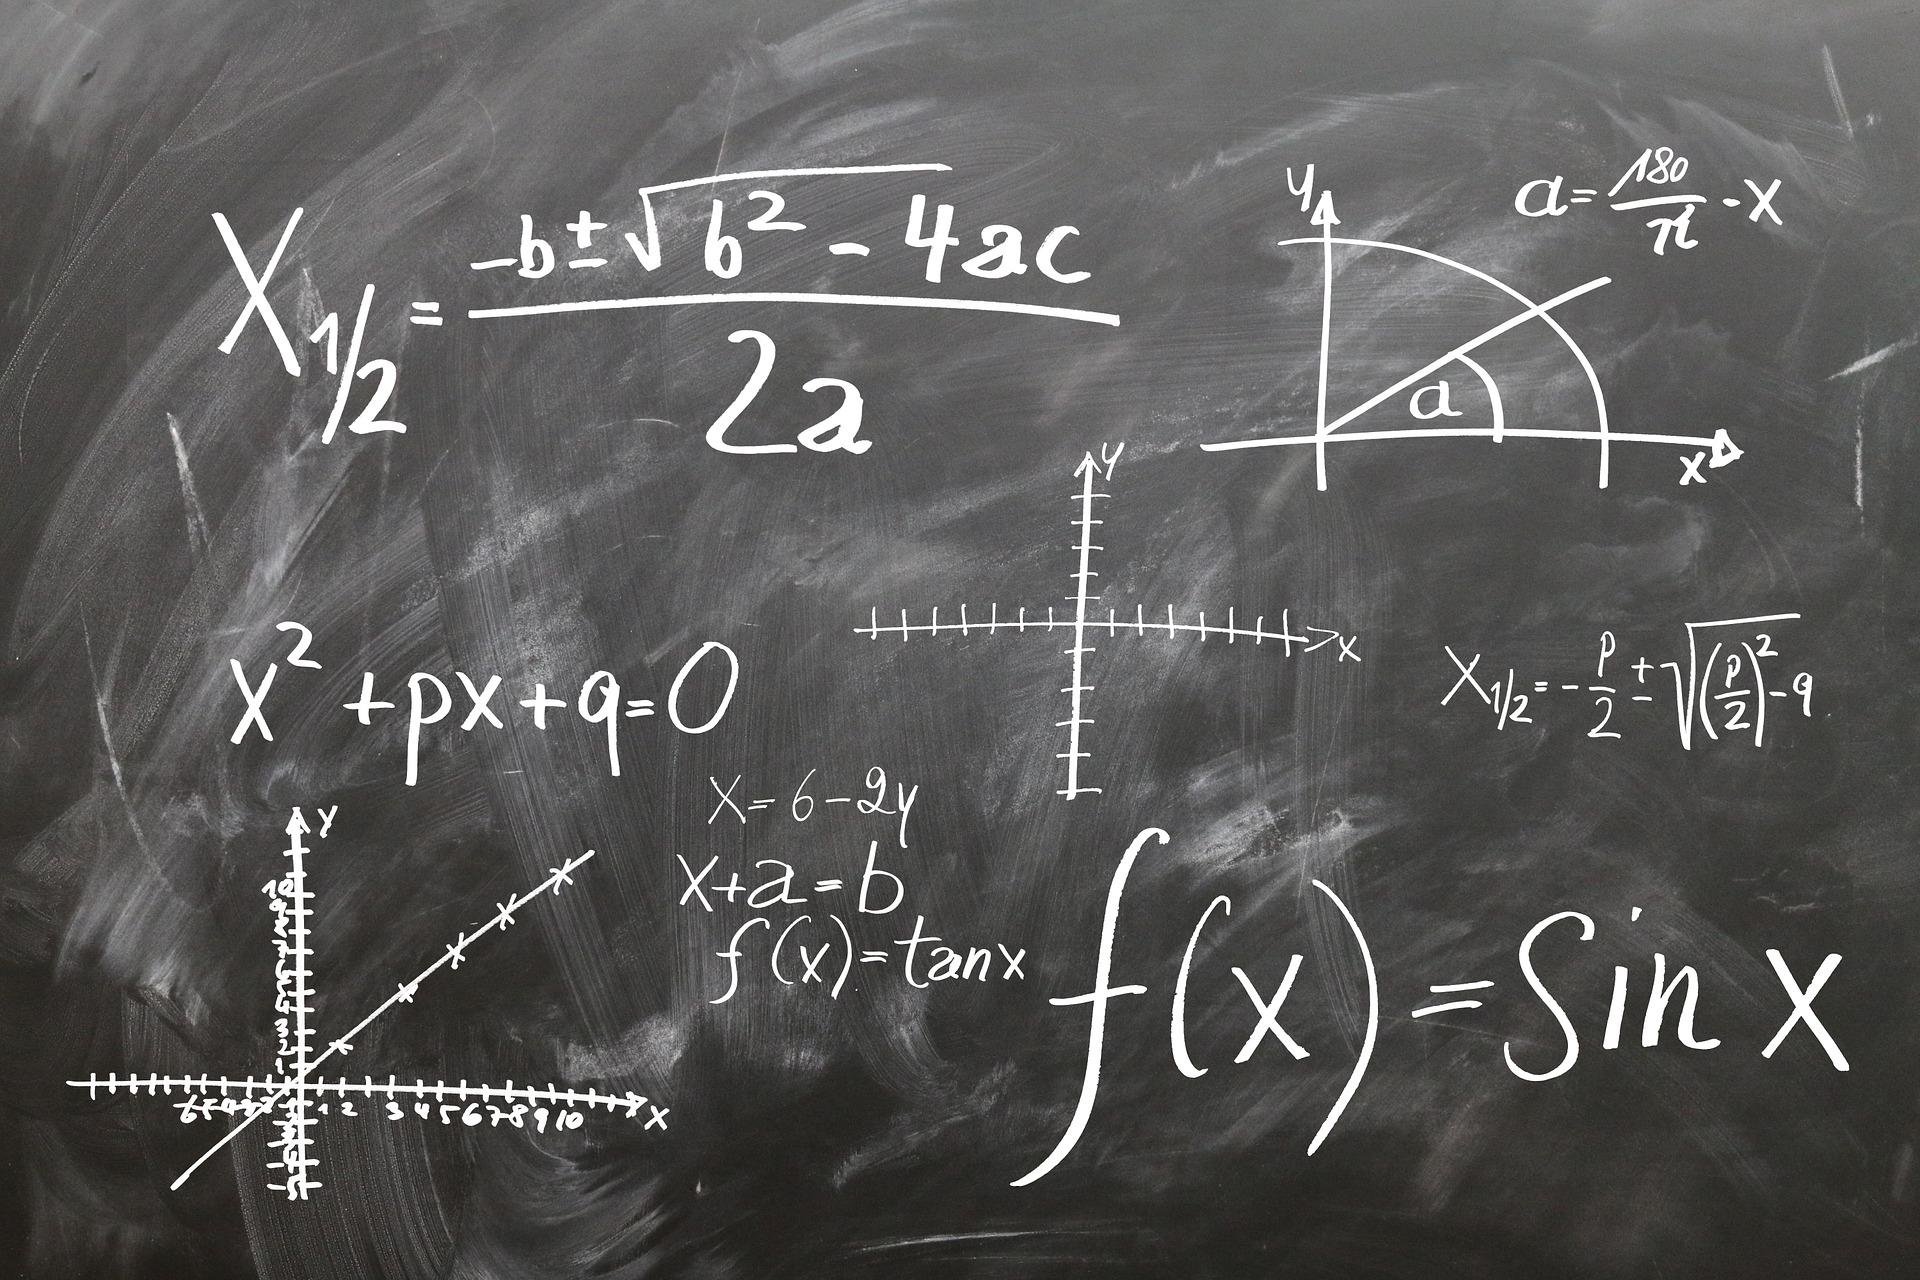 Así puedes añadir fórmulas, ecuaciones y símbolos a tus documentos desde Office